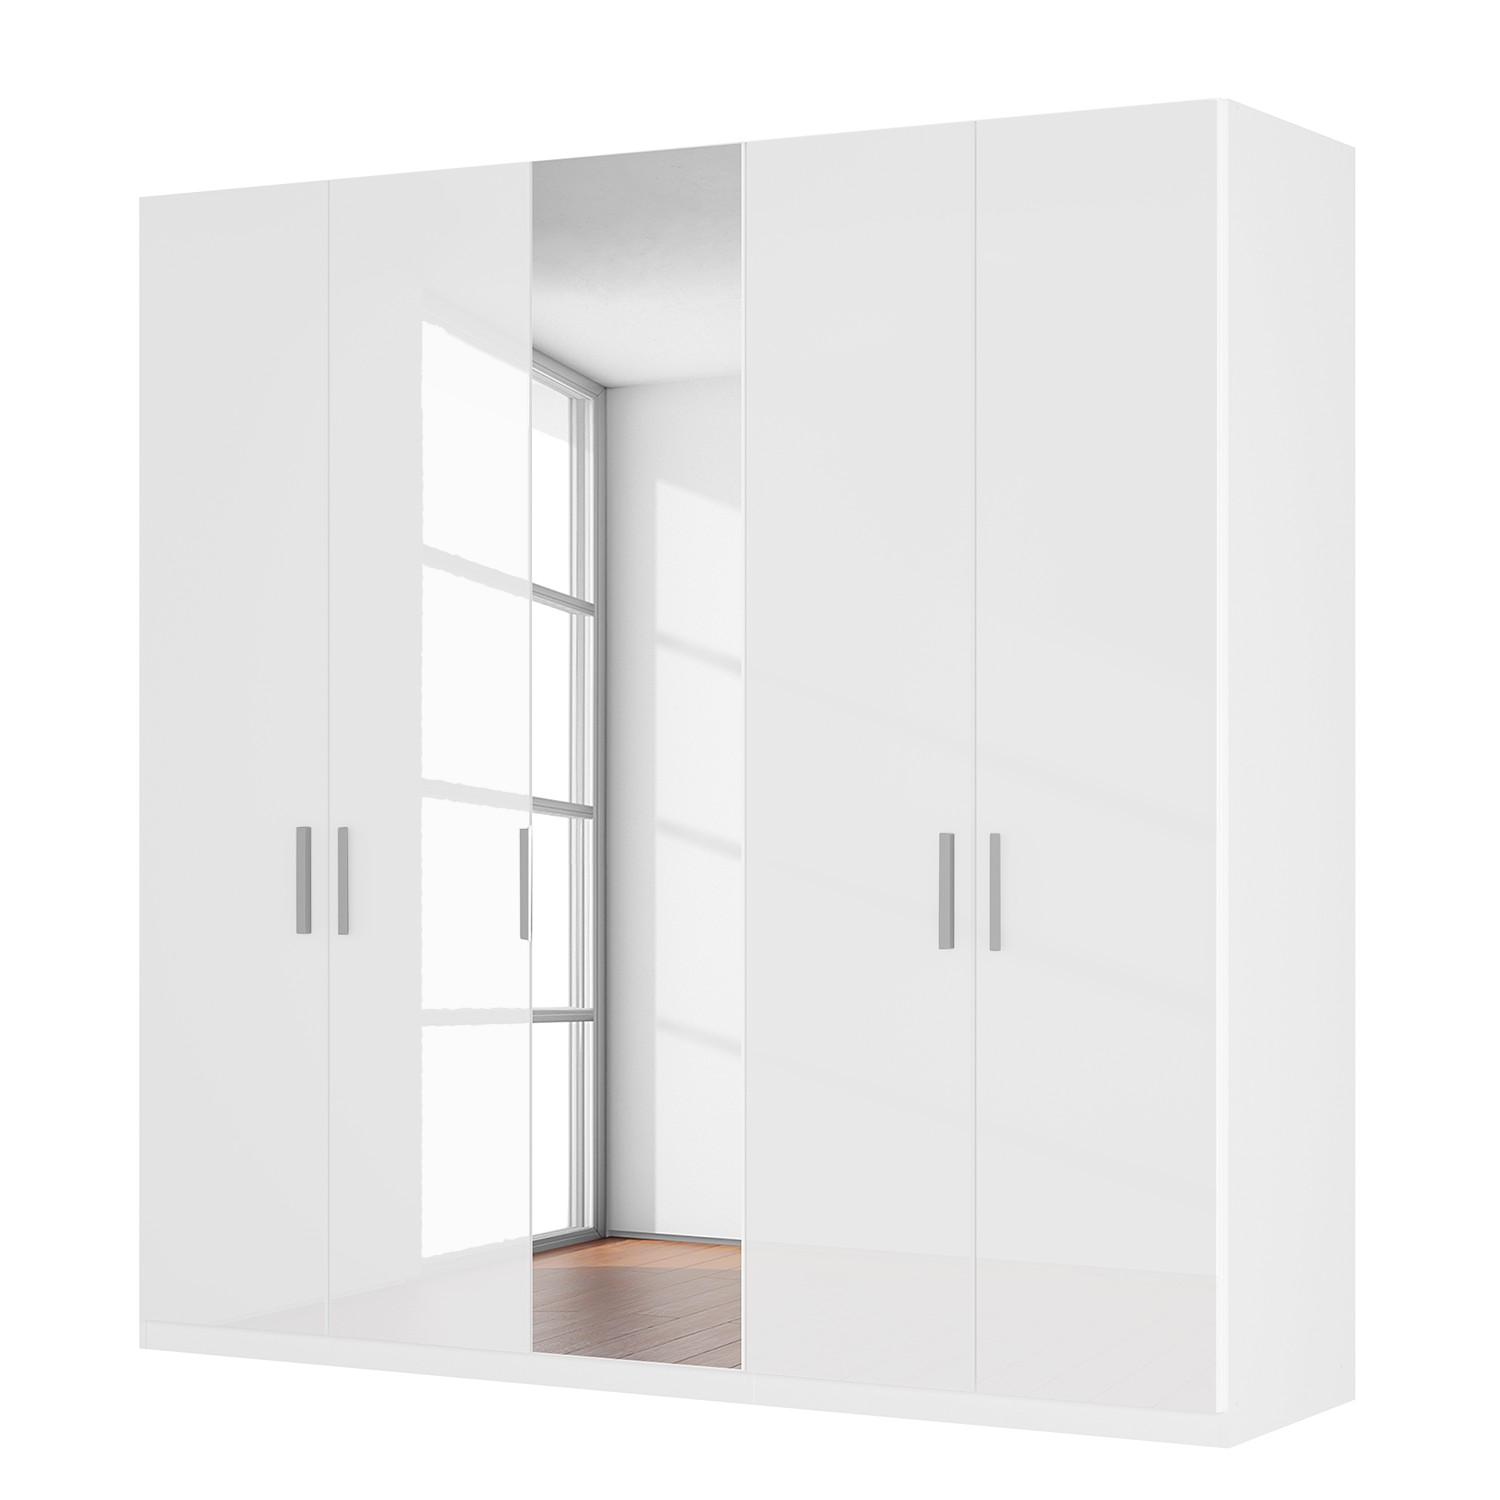 Drehtuerenschrank SKOEP XI | Schlafzimmer > Kleiderschränke > Drehtürenschränke | Weiss | Holzwerkstoff - Glas | SKOEP